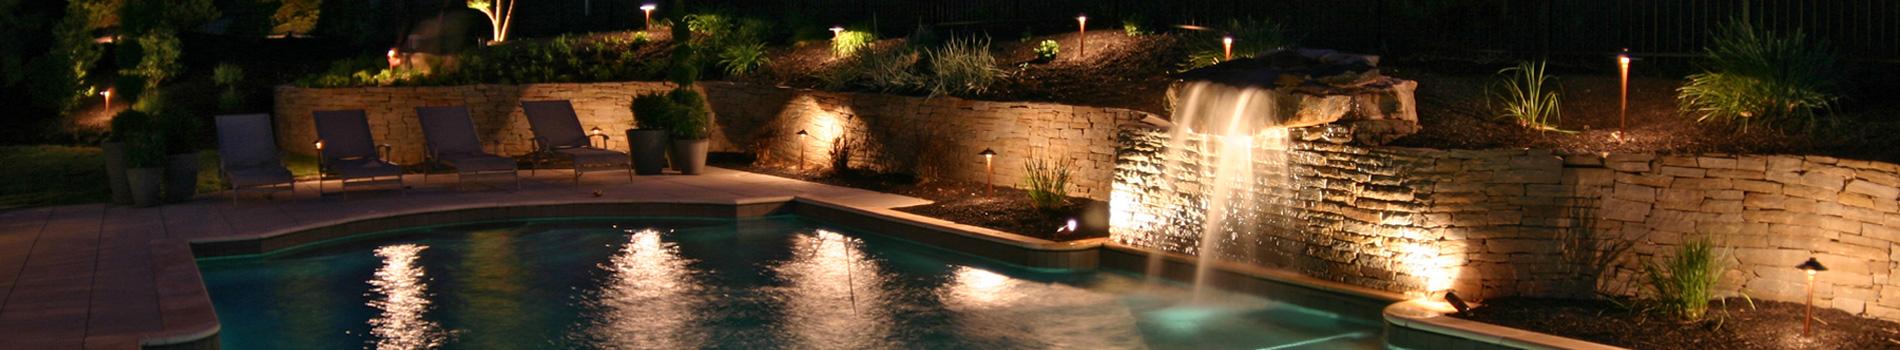 Lumipro iluminacion de exterior monterrey iluminacion para - Lamparas exteriores para jardin ...